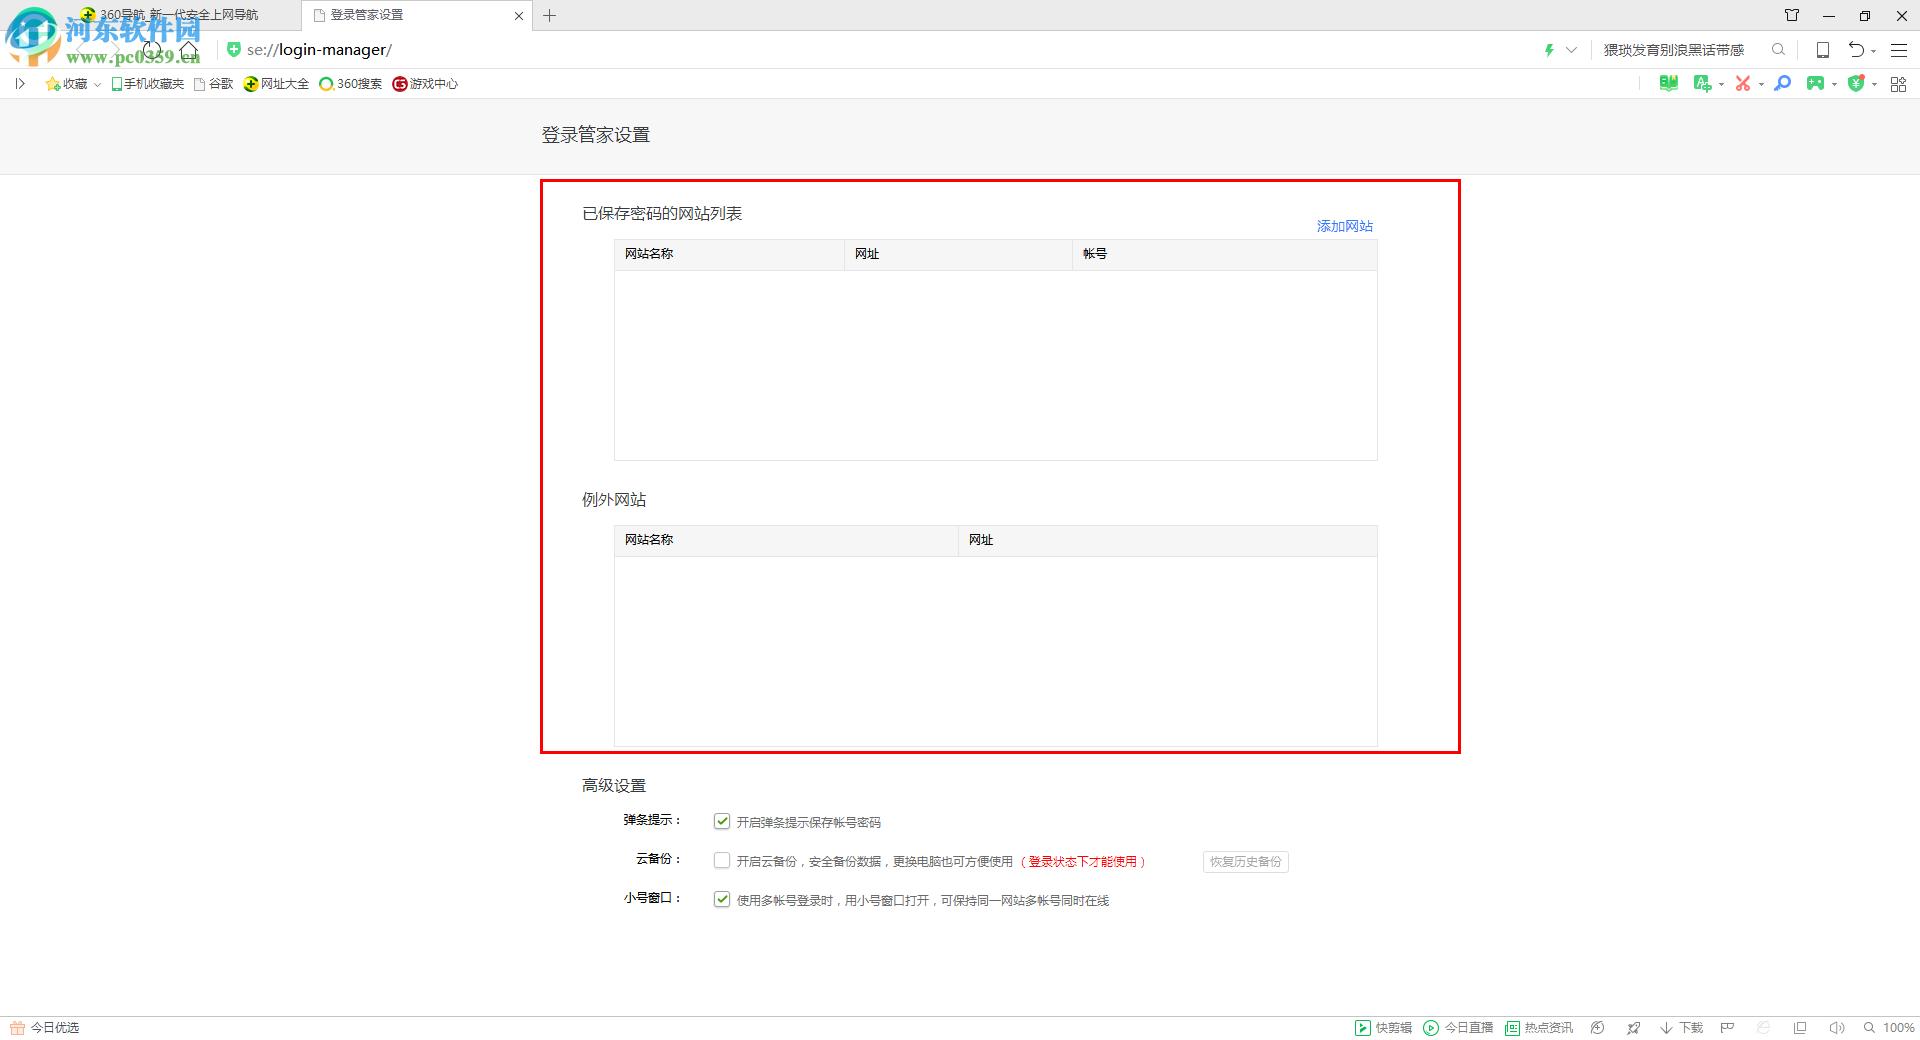 360安全浏览器保存网站账号密码的方法